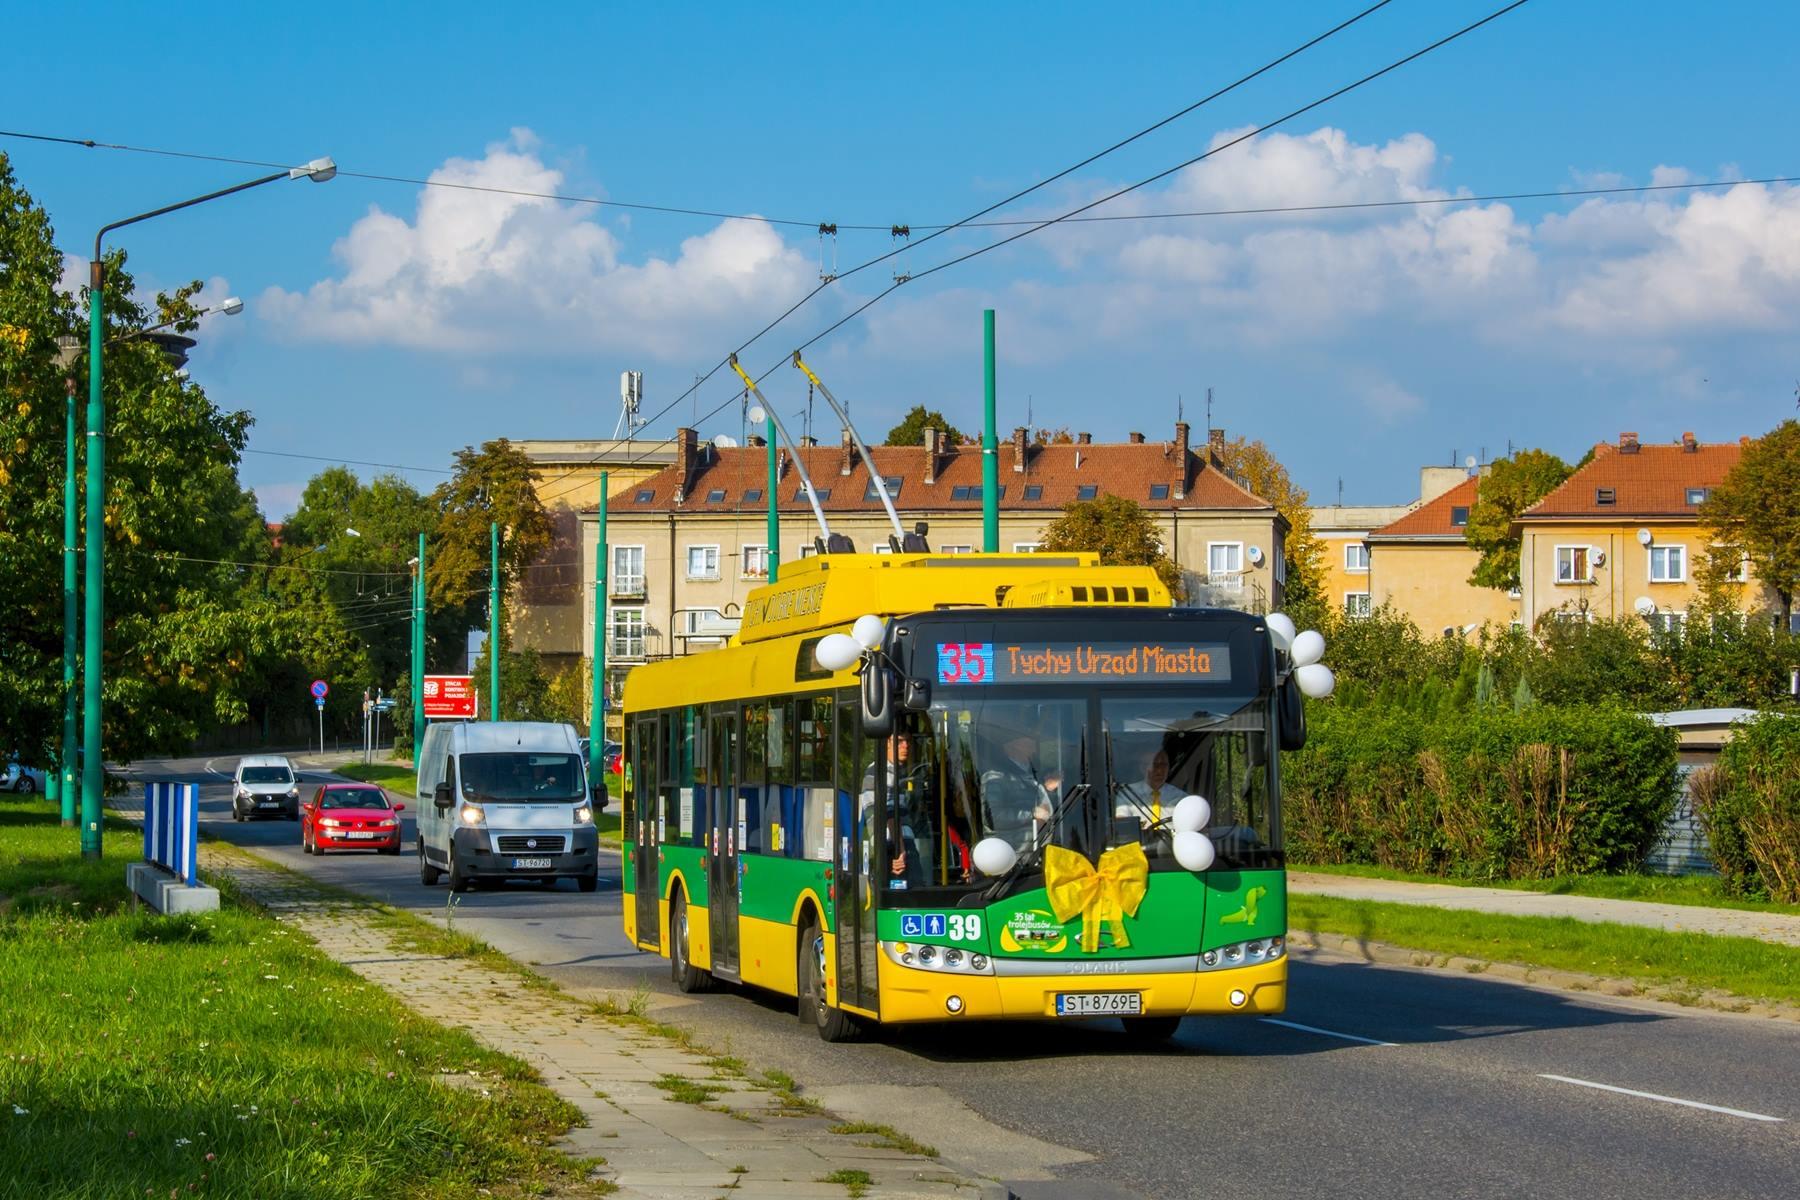 Balónky a mašle. Dne 30. září2017 si Tychy připomněly 35leté výročí zahájení trolejbusové dopravy ve městě a při této příležitosti byly vypraveny i dva vyzdobené trolejbusy na zvláštní linku č. 35. (foto: TLT)